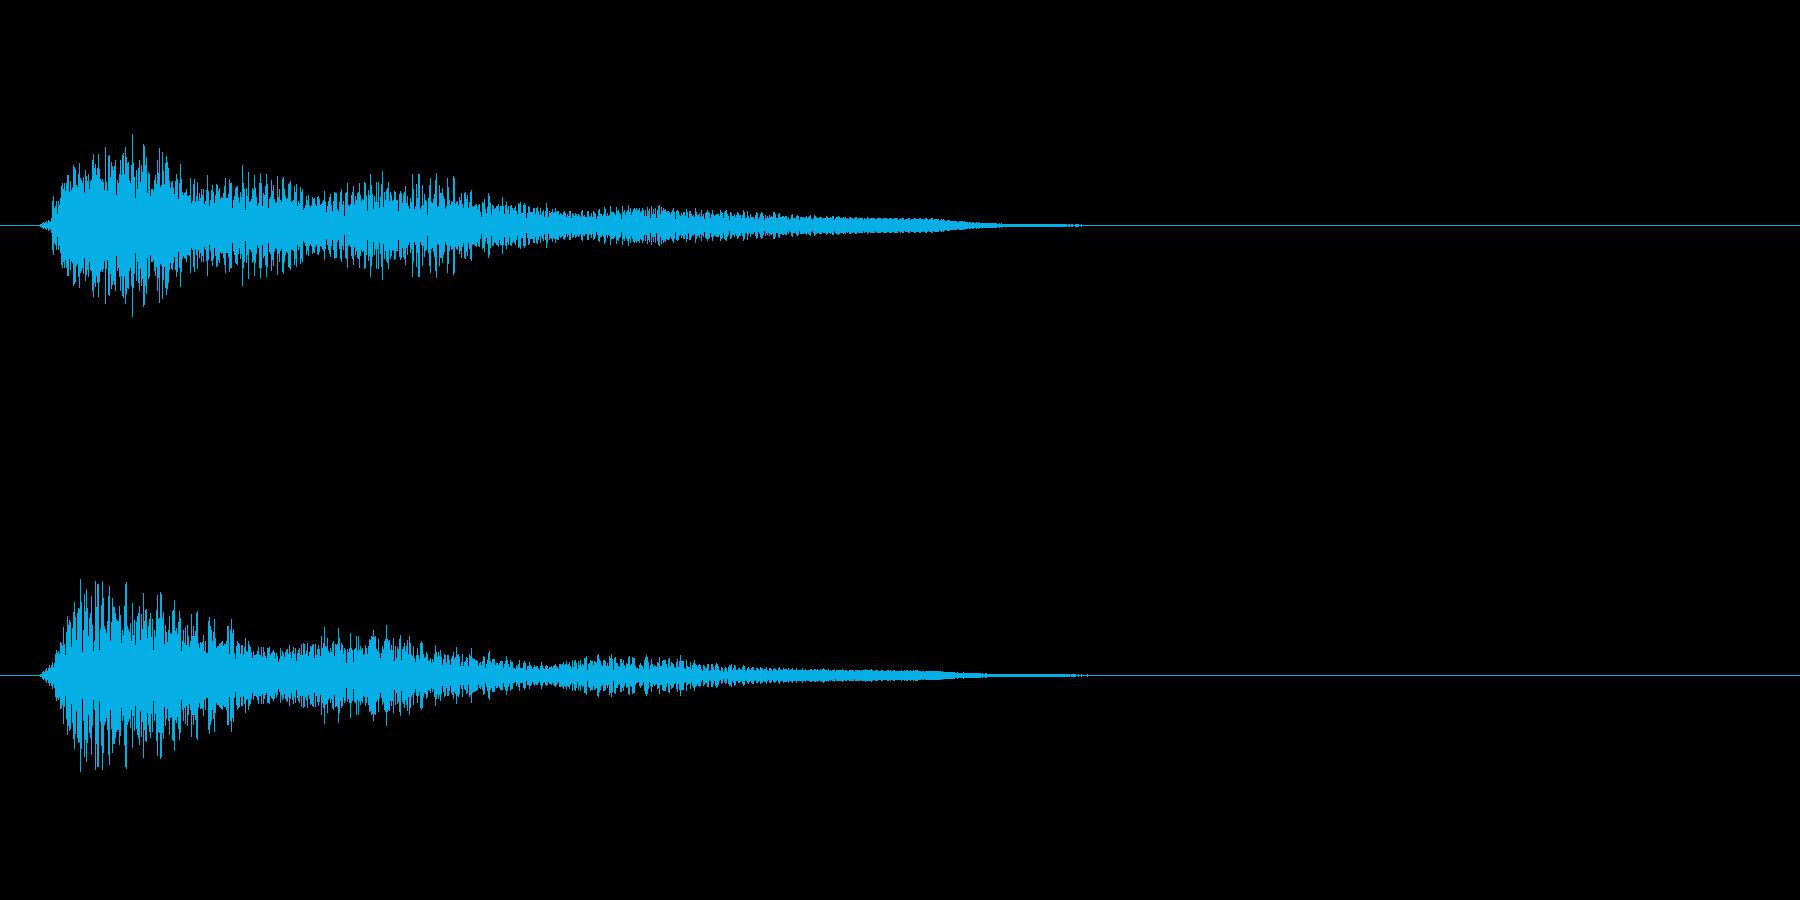 きらーん(キラキラしたピアノとシンセ音)の再生済みの波形